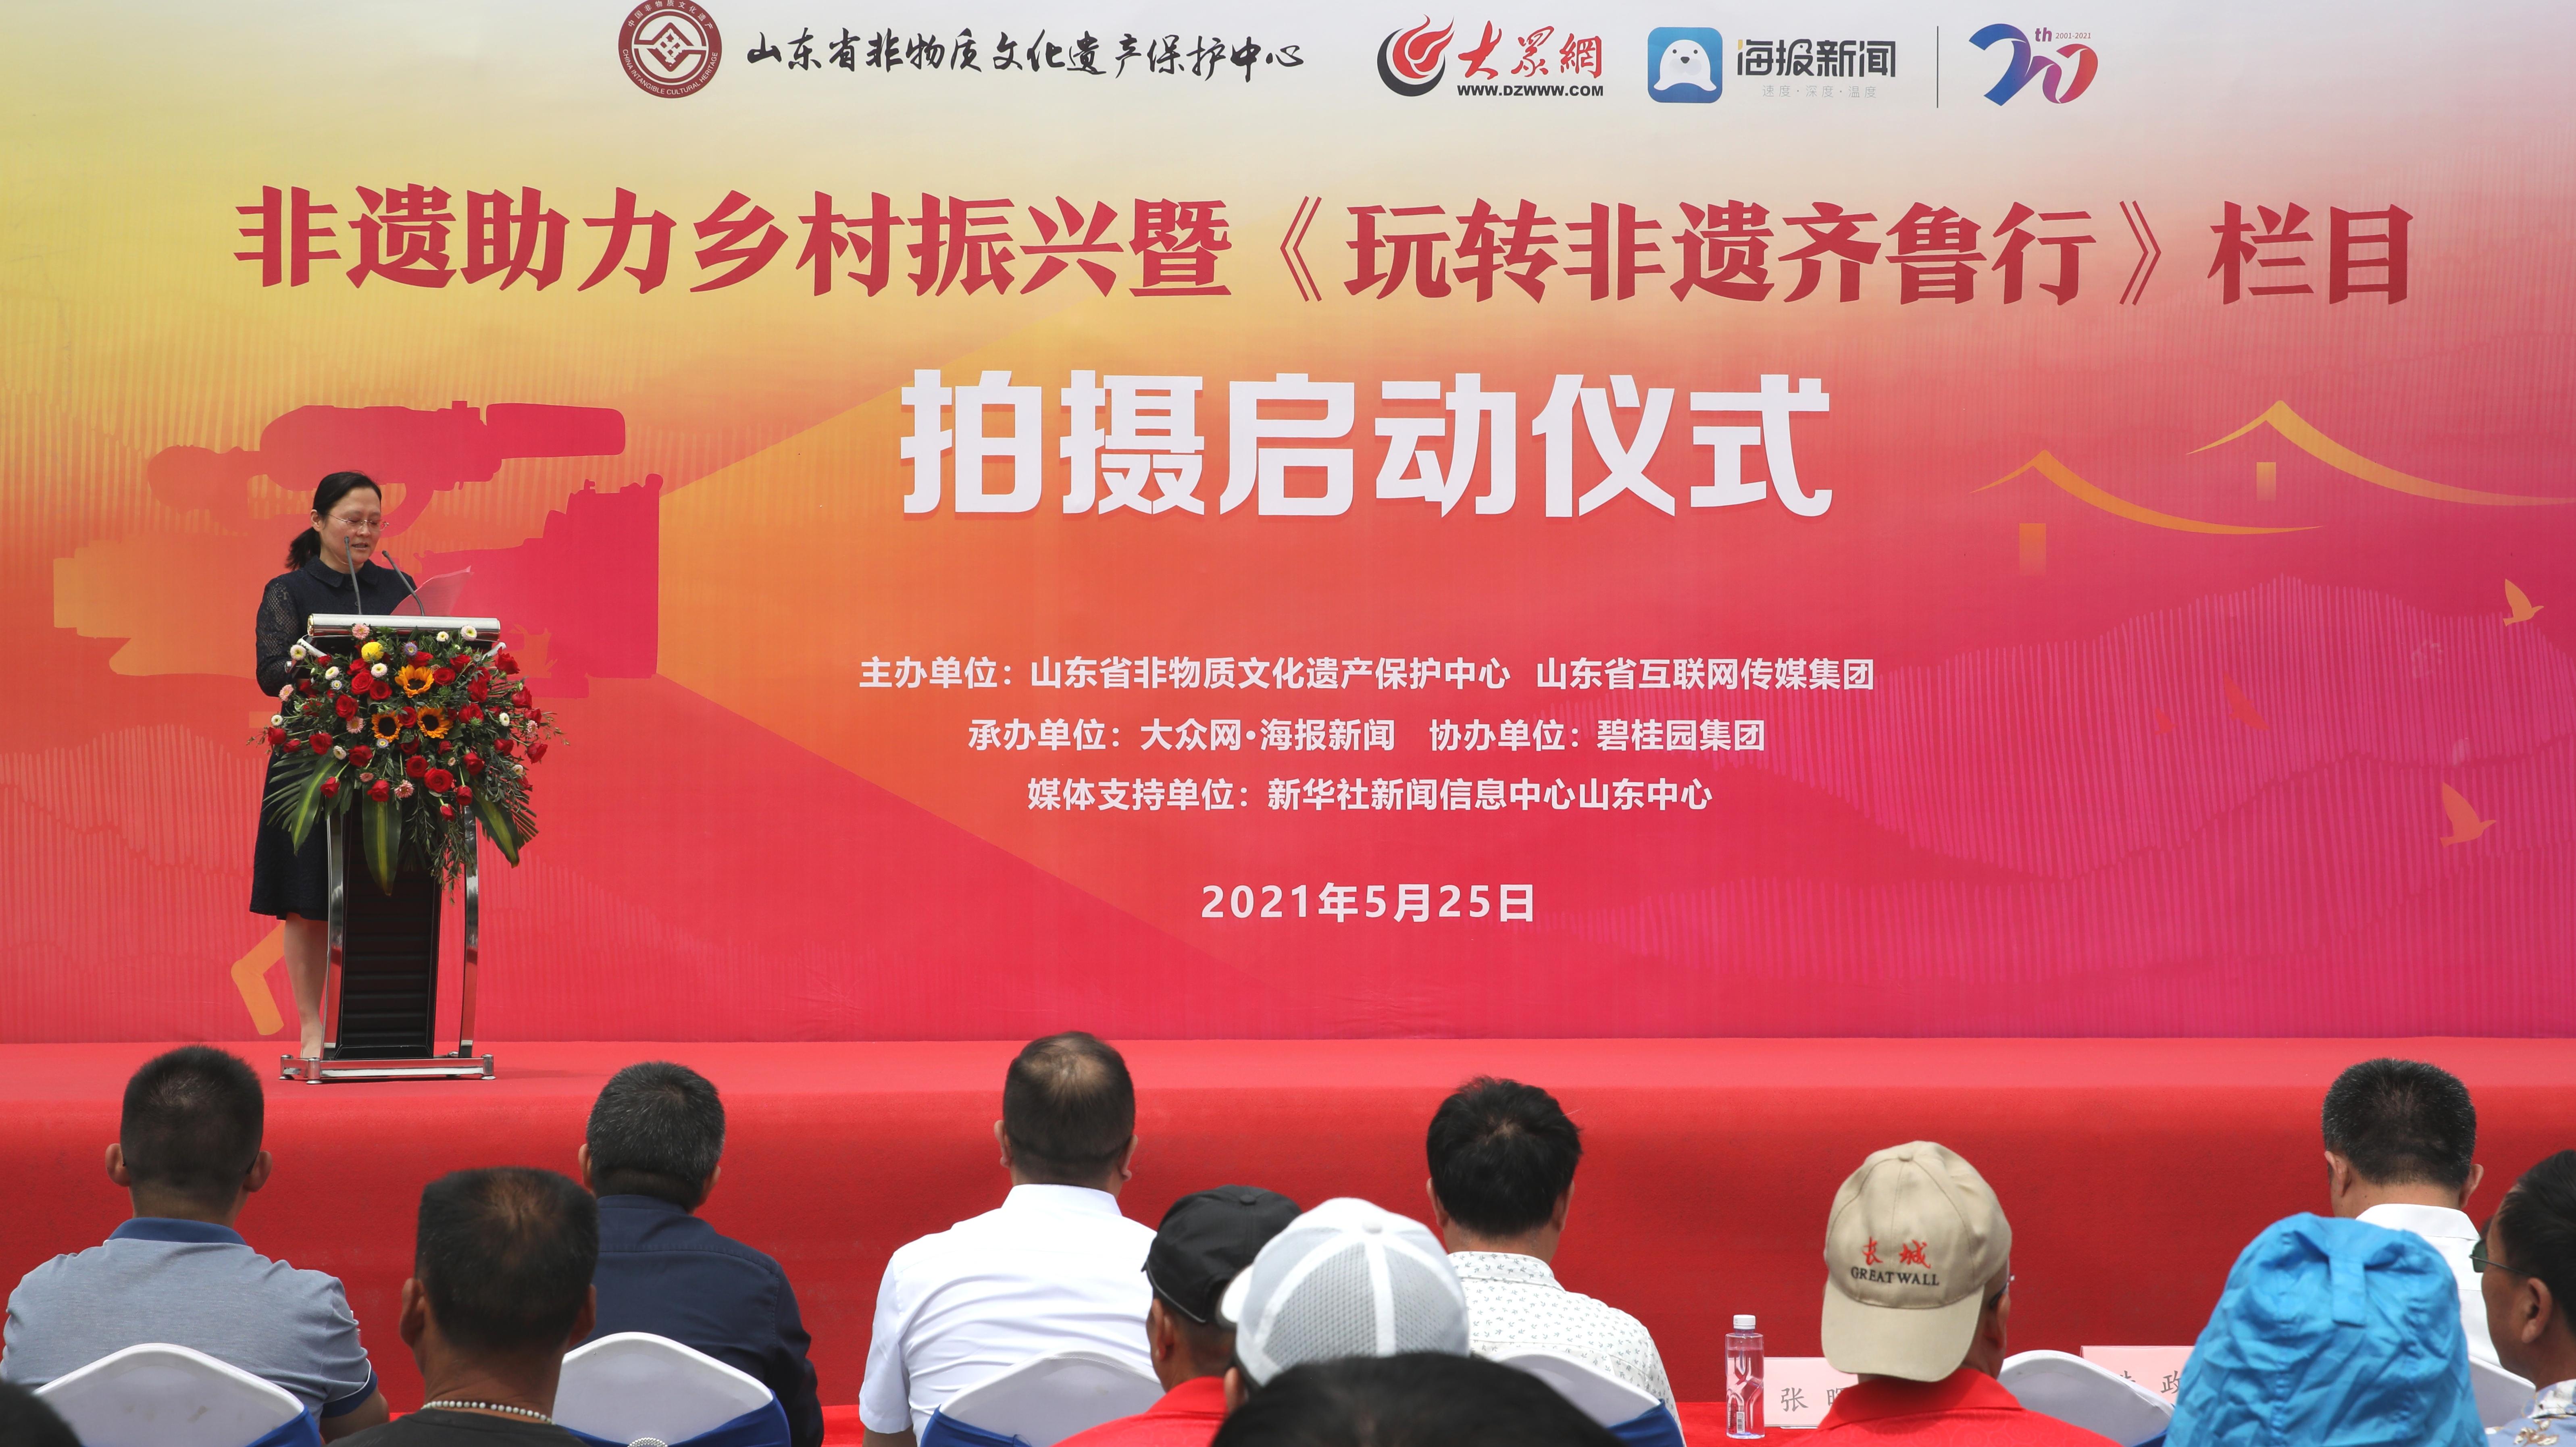 菏澤市委宣傳部副部長、市委網信辦主任張暉致辭